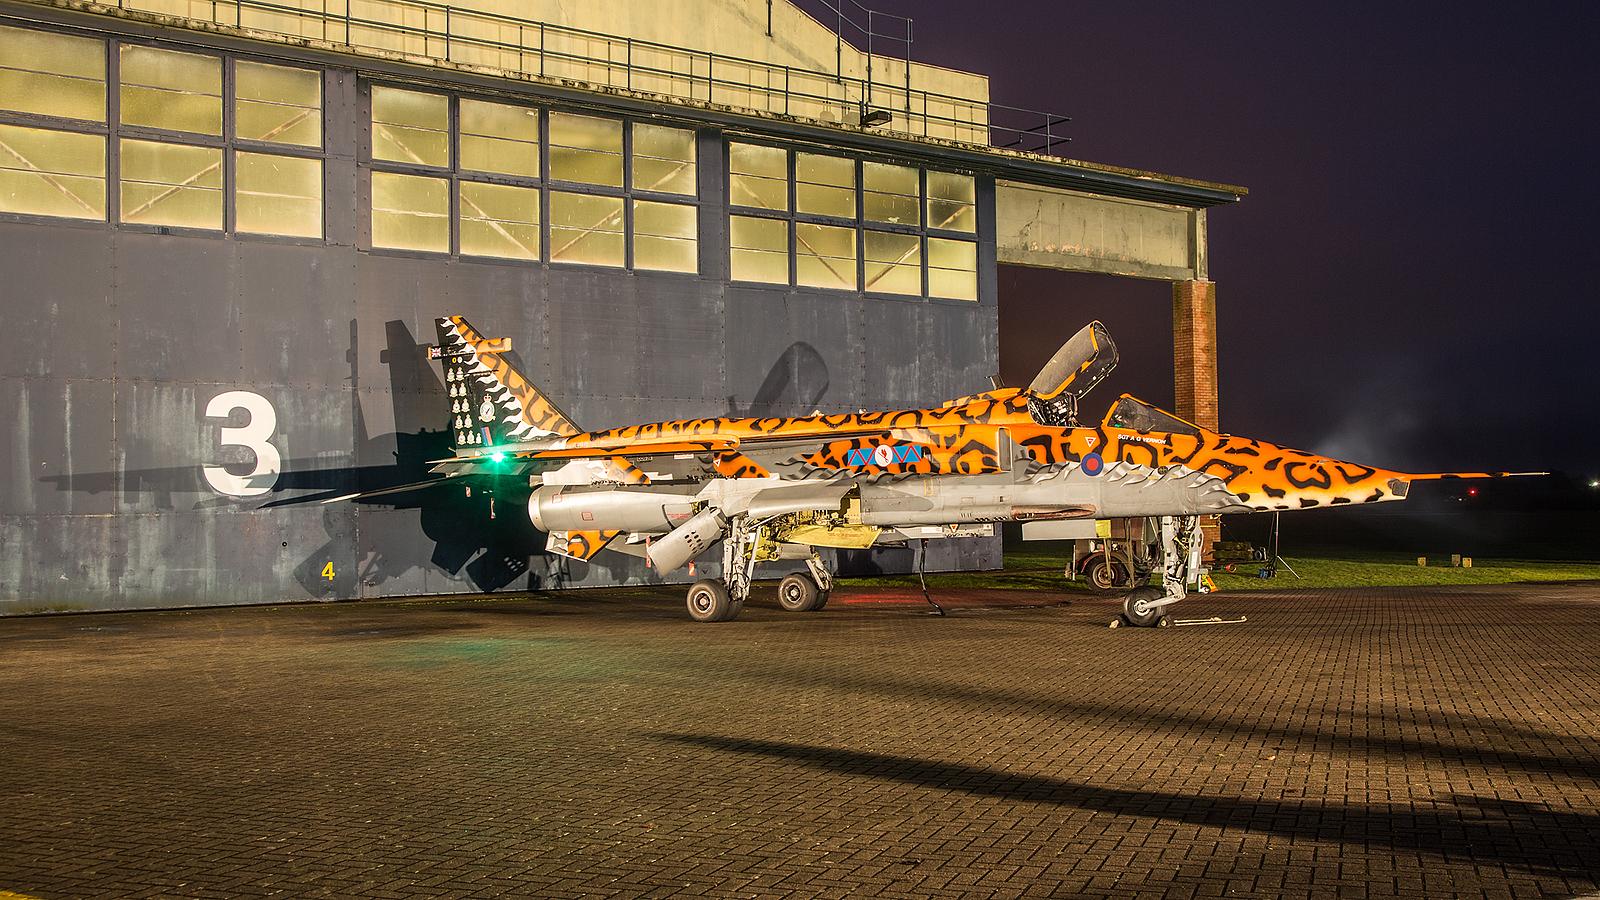 Die letzte Version der hier abgebildete GR.3A flog bis 2007 in den Einsatzstaffeln der Royal Air Force.